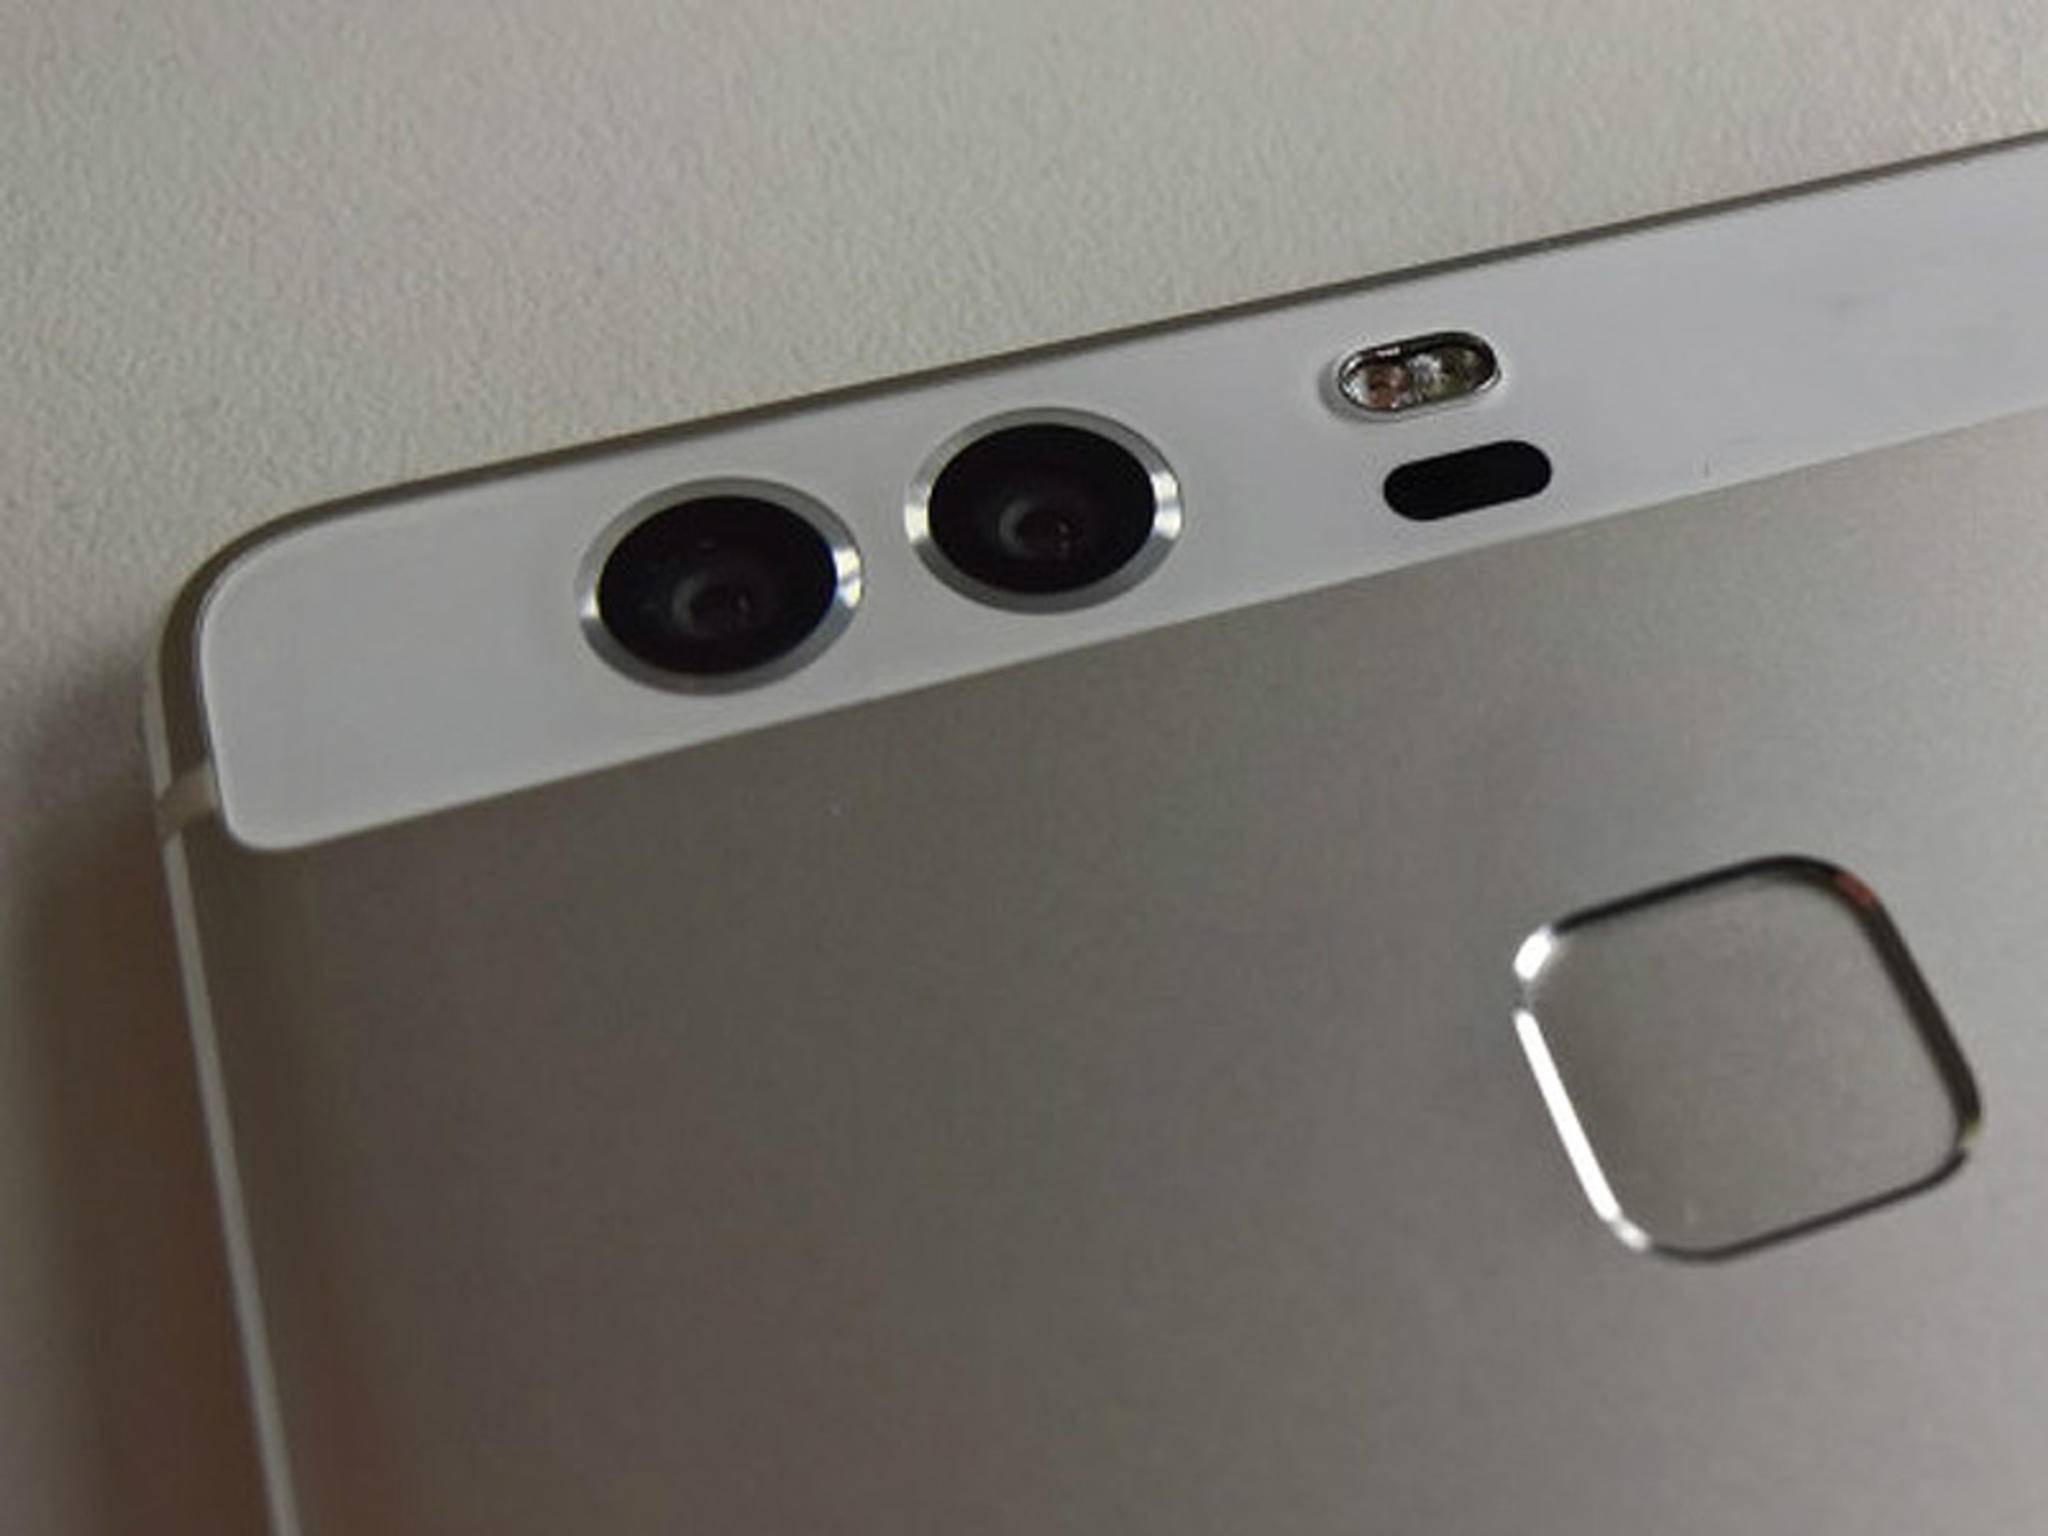 Die Dual-Linse des Huawei P9 stammt vom deutschen Traditionsunternehmen Leica.